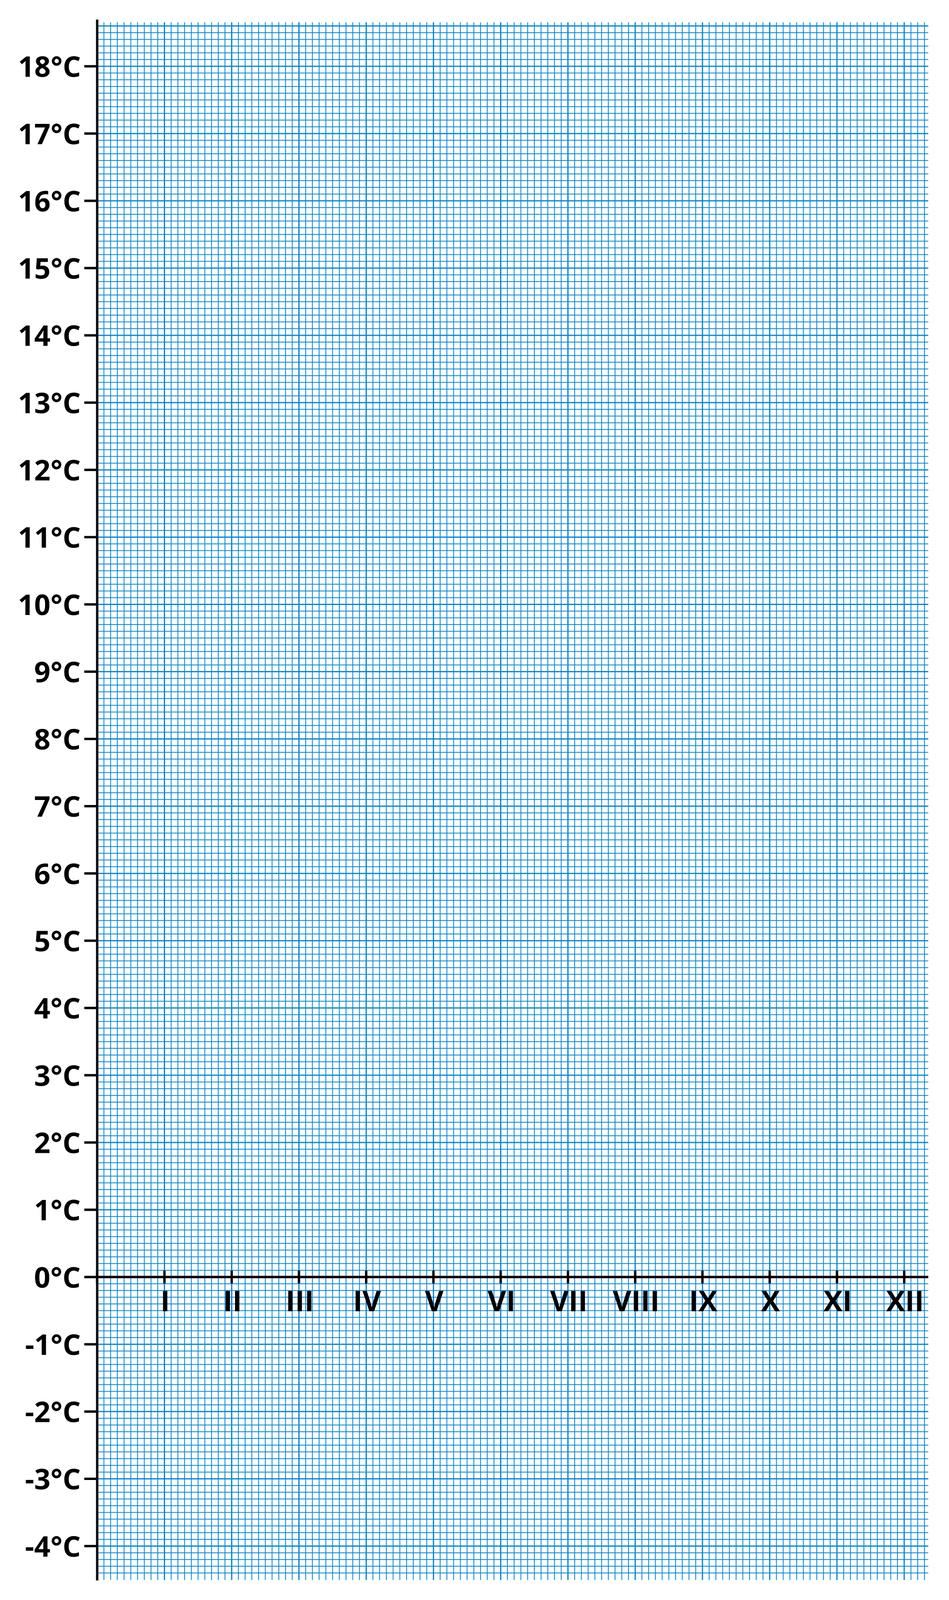 Papier milimetrowy wkolorze niebieskim, zliniami co jeden milimetr. Na papierze narysowano podkład do wykresu. Zlewej strony oś pionowa. Co jeden stopień oznaczono temperaturę wstopniach Celsjusza od minus cztery do plus osiemnaście stopni. Na osi poziomej narysowanej na wysokości zera stopni Celsjusza oznaczono liczbami rzymskimi poszczególne miesiące od stycznia do grudnia.